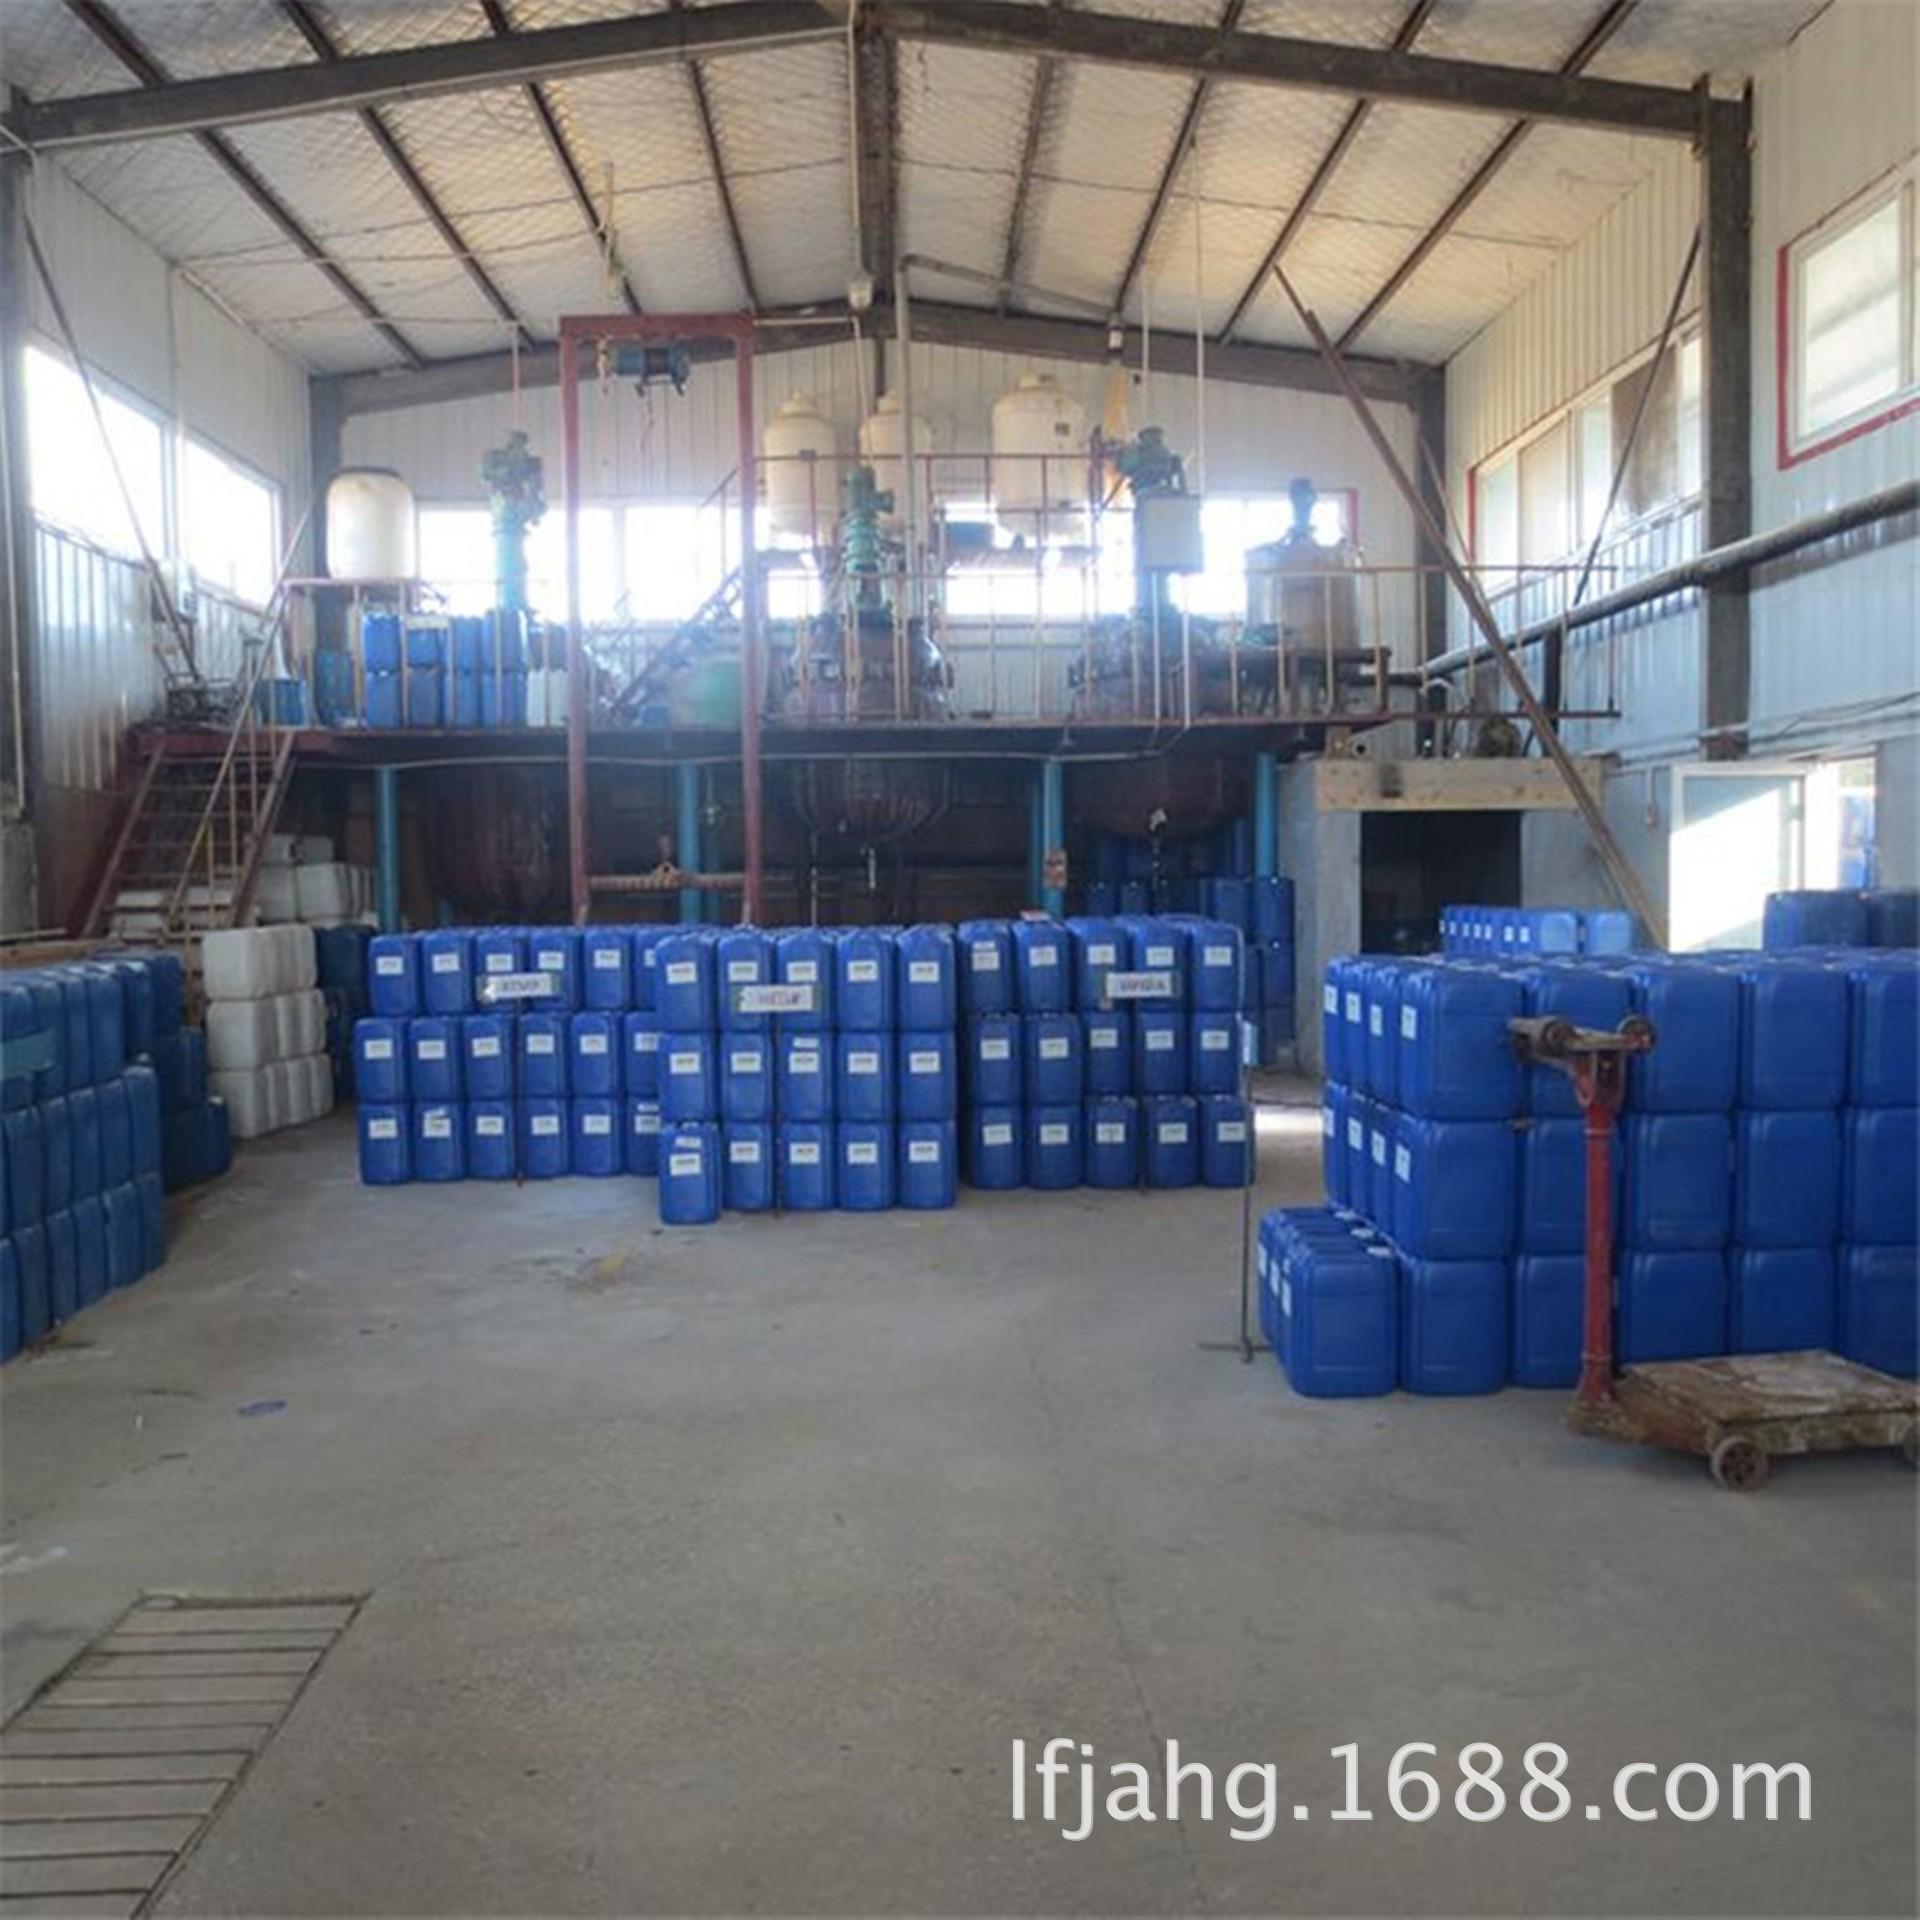 零售锅炉地方空调 缓蚀阻垢剂 缓蚀剂 锅炉阻垢剂